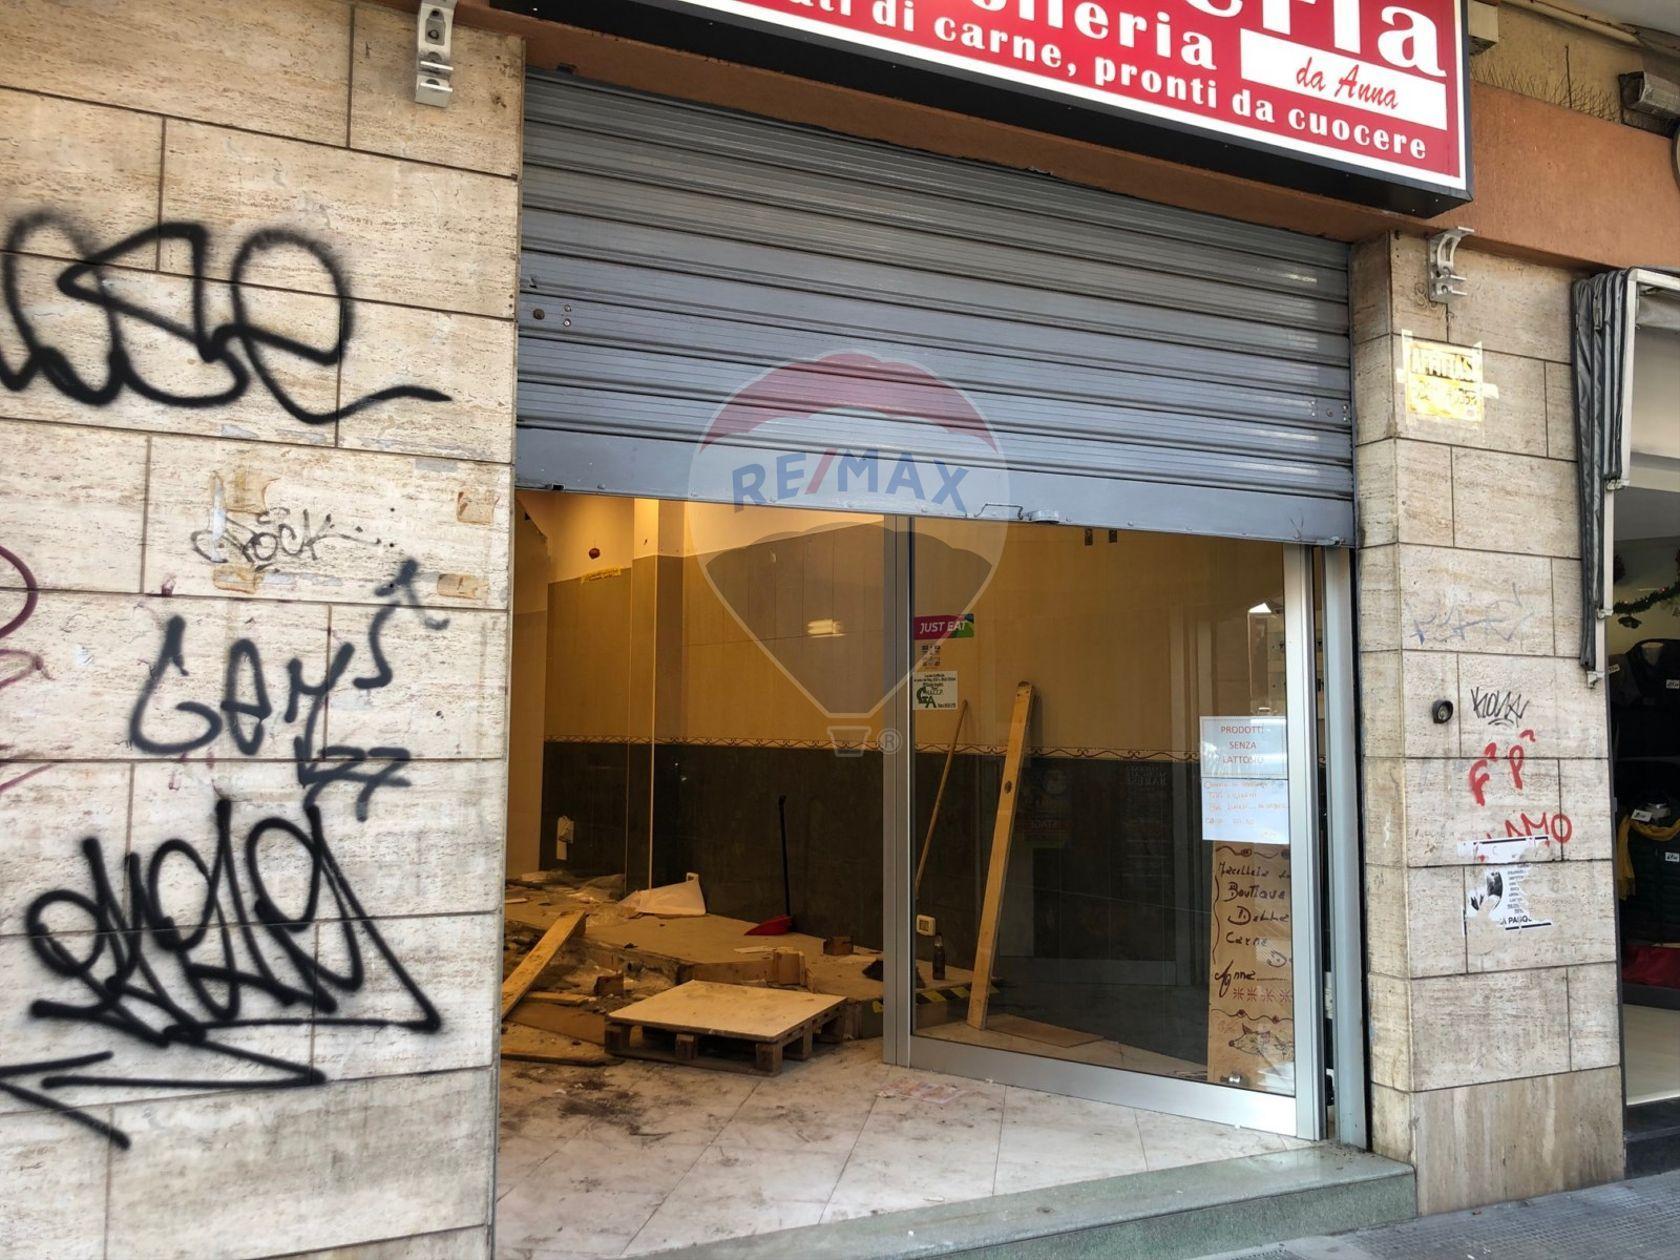 Locale Commerciale Carrassi, Bari, BA Affitto - Foto 4